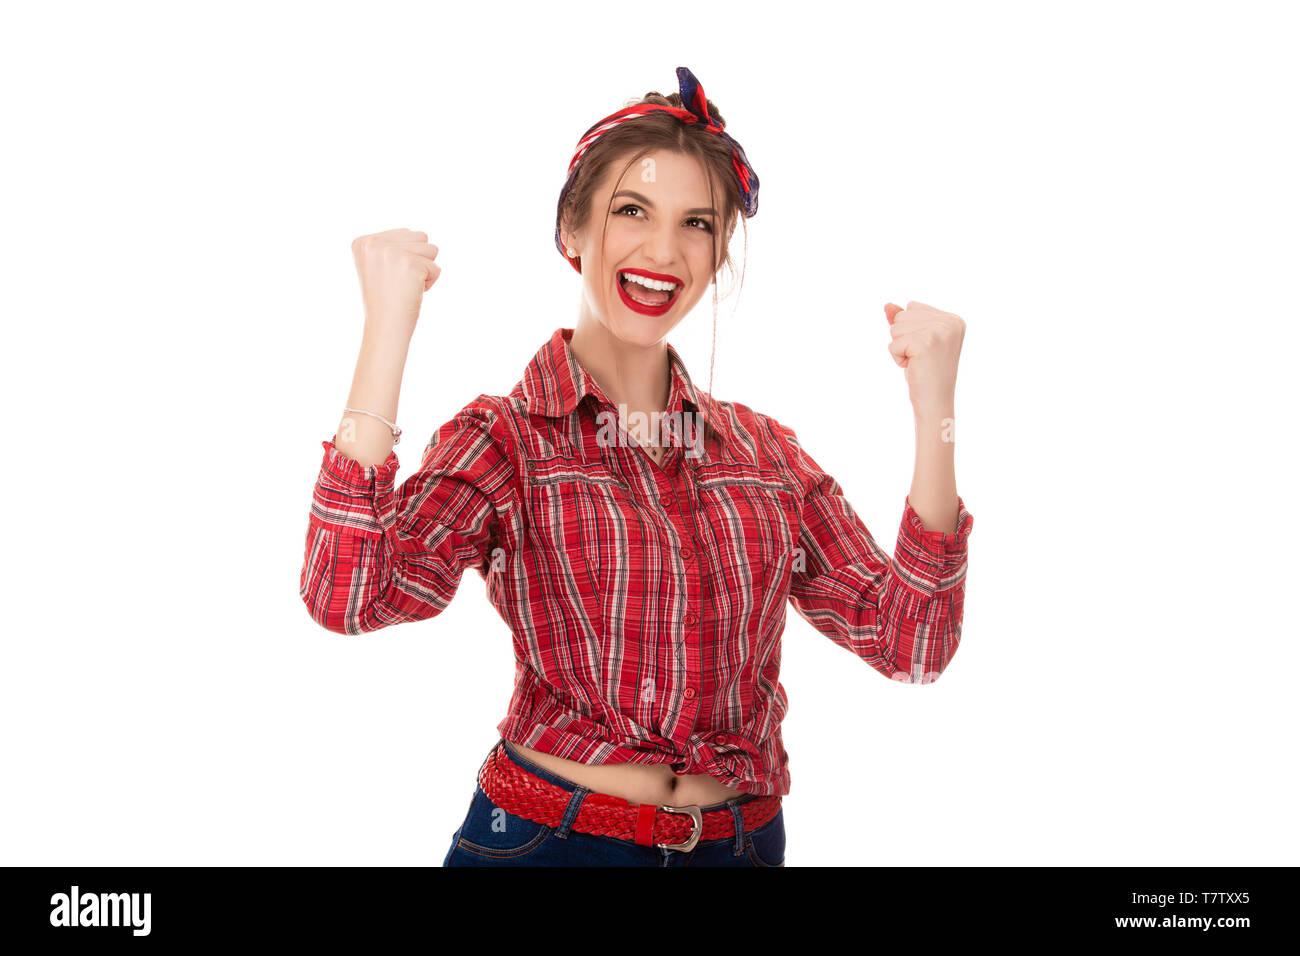 Ritratto di giovane e bella donna con i capelli lunghi in una camicia a quadri incrociò le braccia